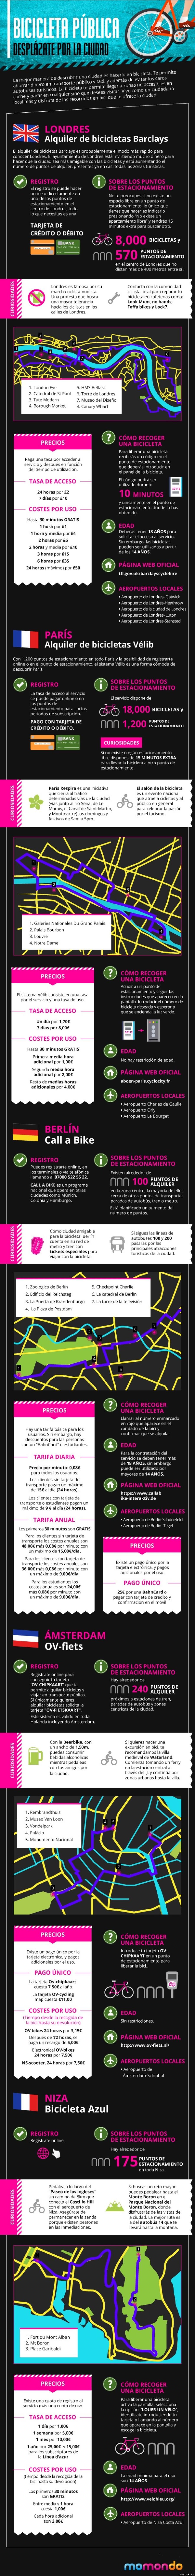 infografia bicis europa